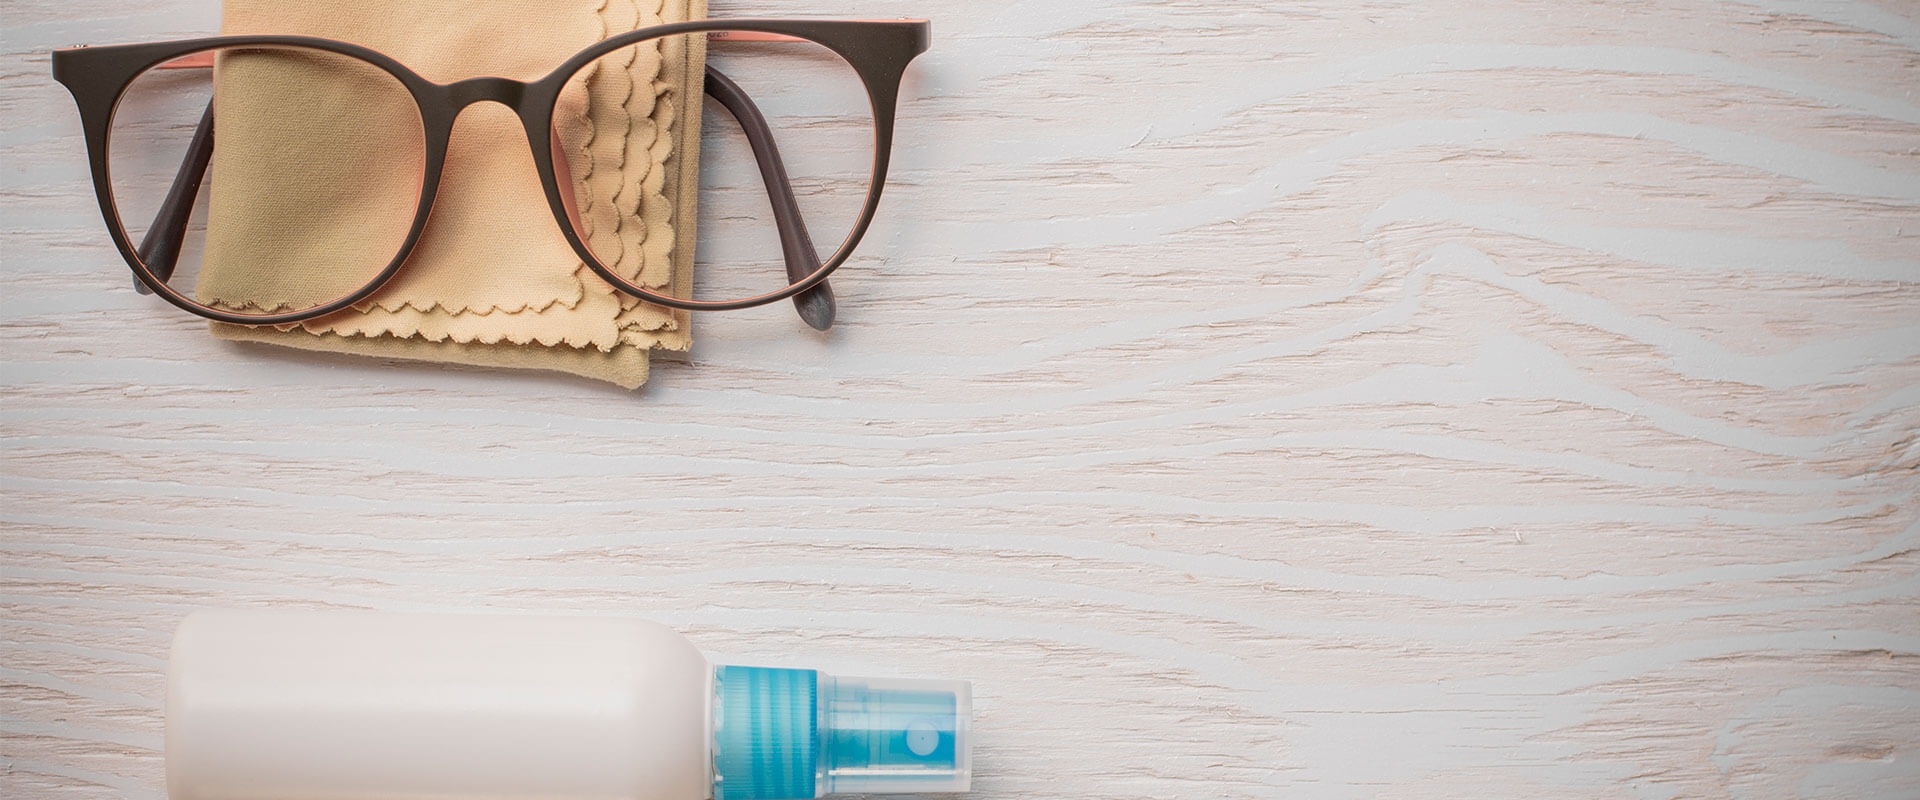 Imagen de lentes con su pañuelo y líquido limpiador.